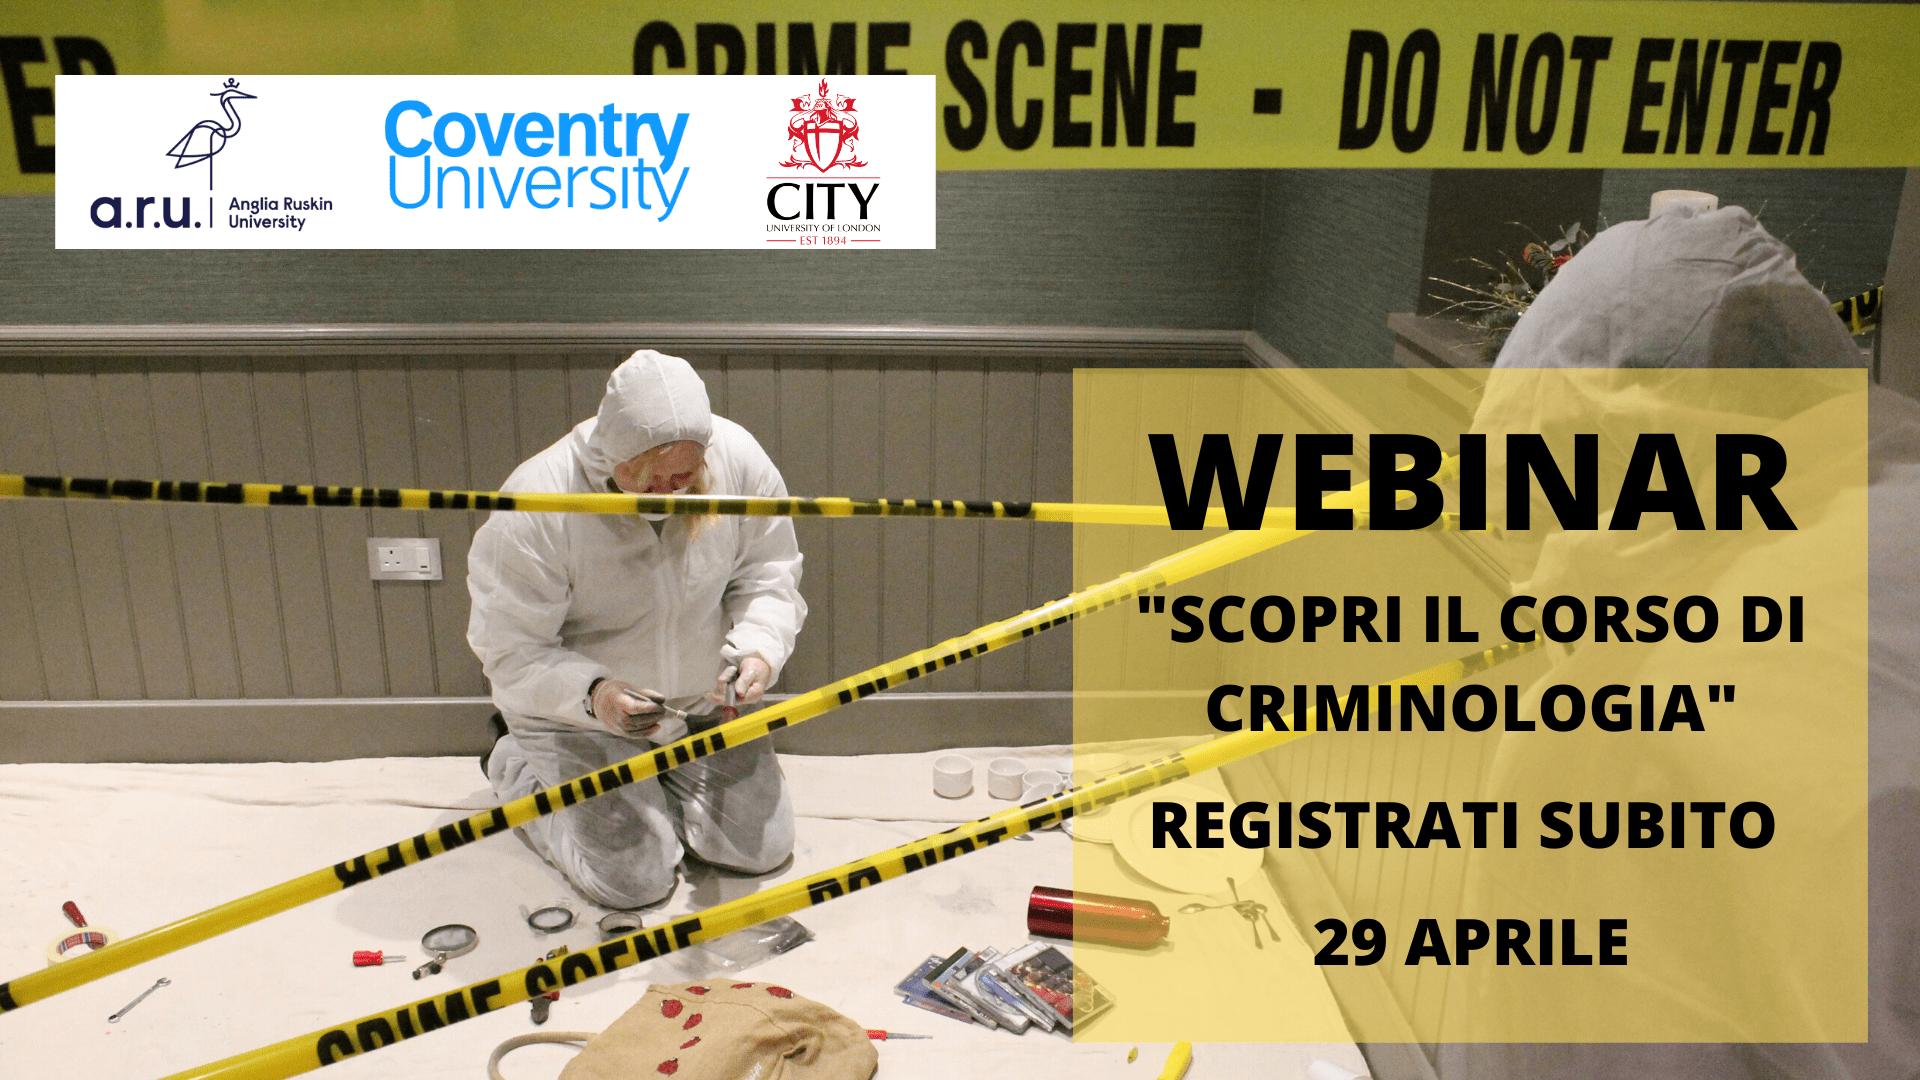 Scopri Criminologia, crominology, registrati all'evento online il 29 aprile